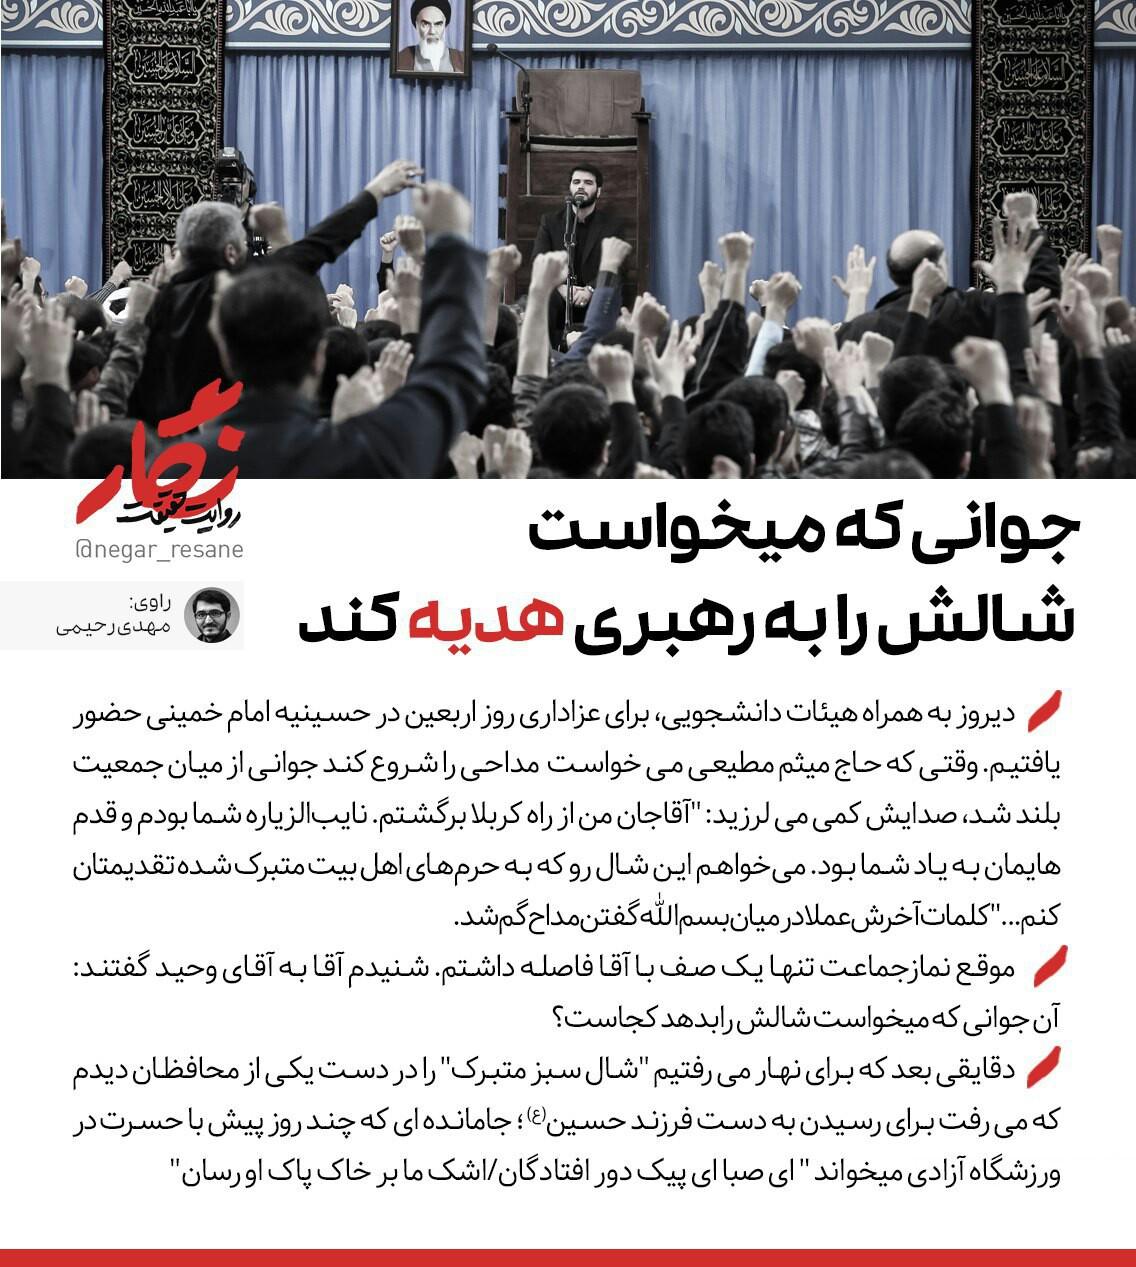 روایتی از هدیه یکی از حاضران پیادهروی اربعین به رهبر انقلاب +تصویرنوشته